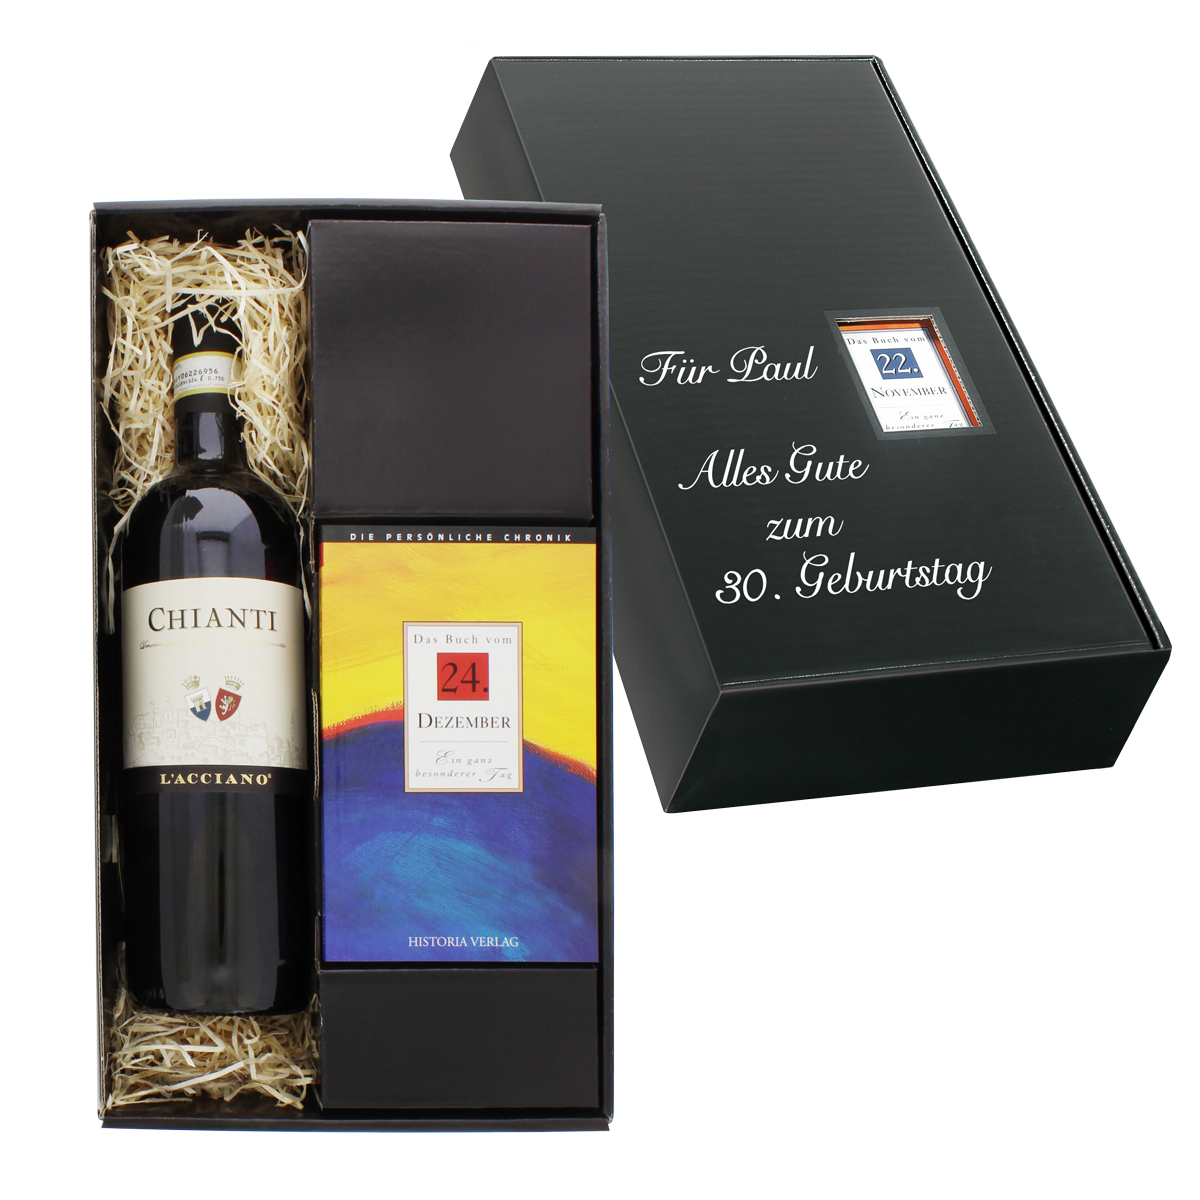 Italien-Set: Tageschronik vom 15. Februar & Chianti-Wein